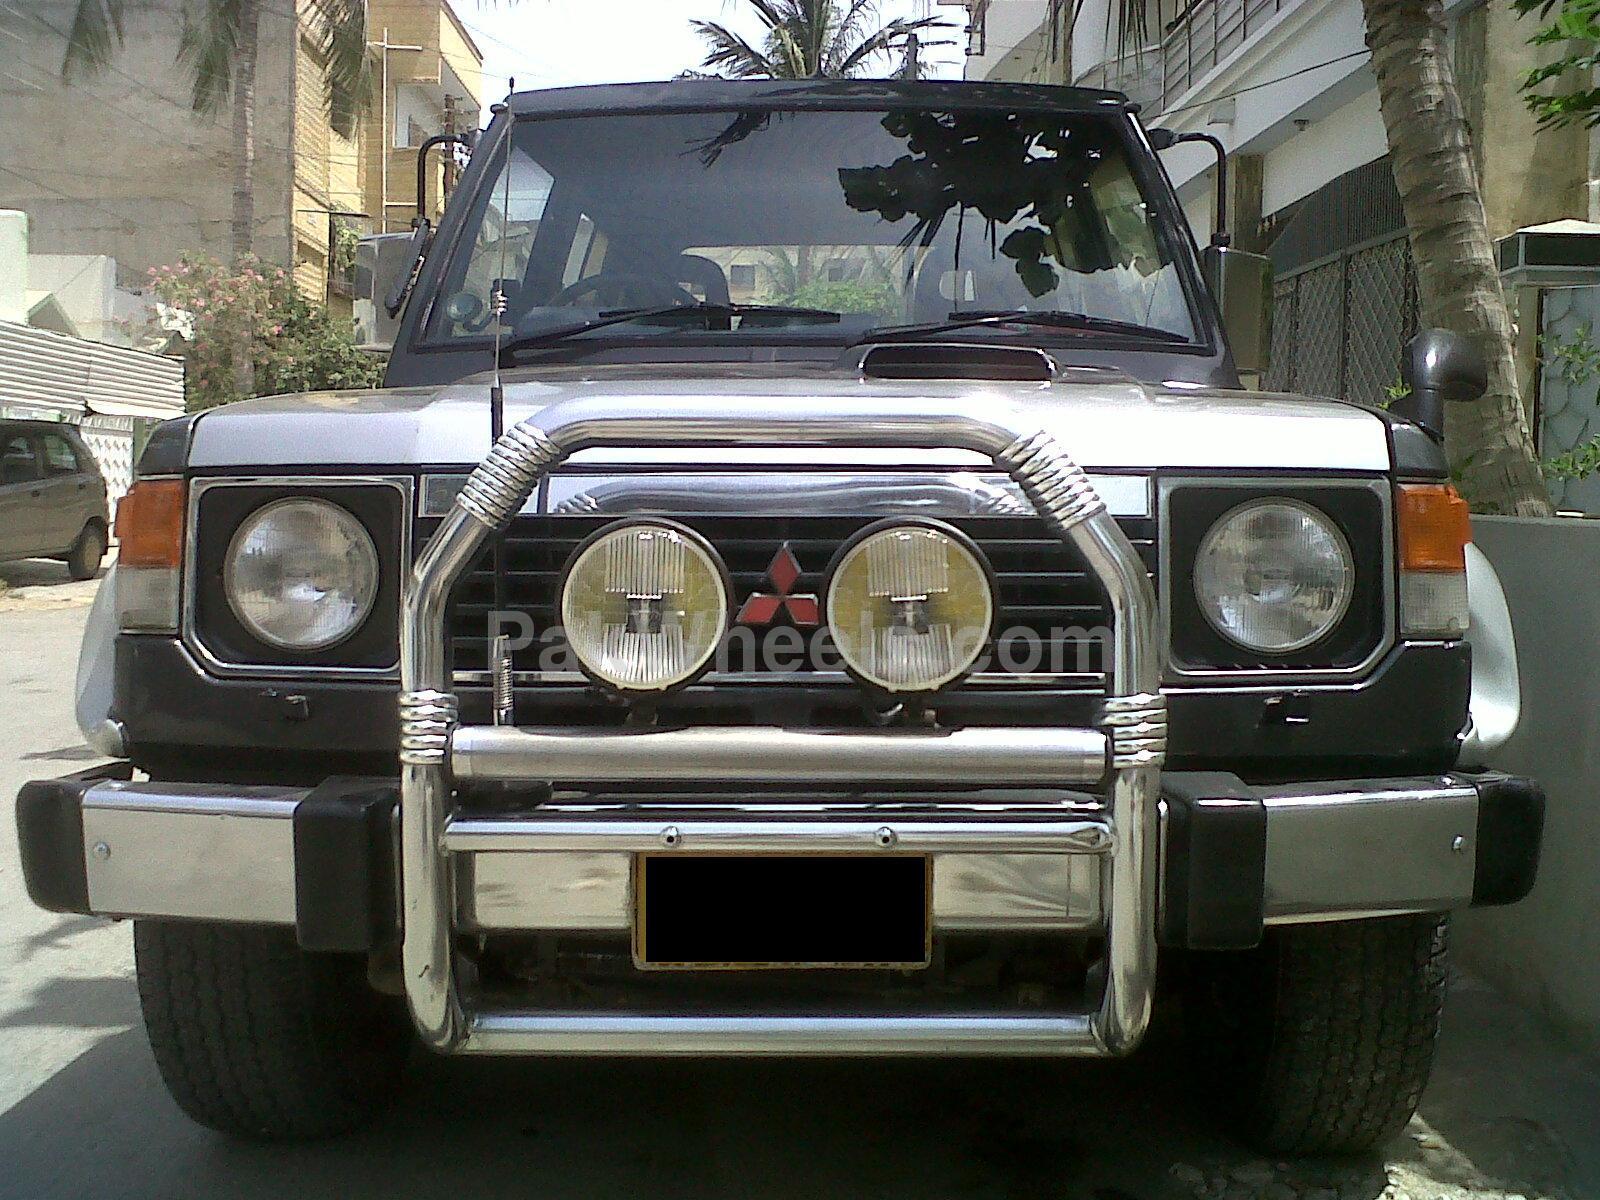 Mitsubishi Pajero - 1989 Mitsu Image-1